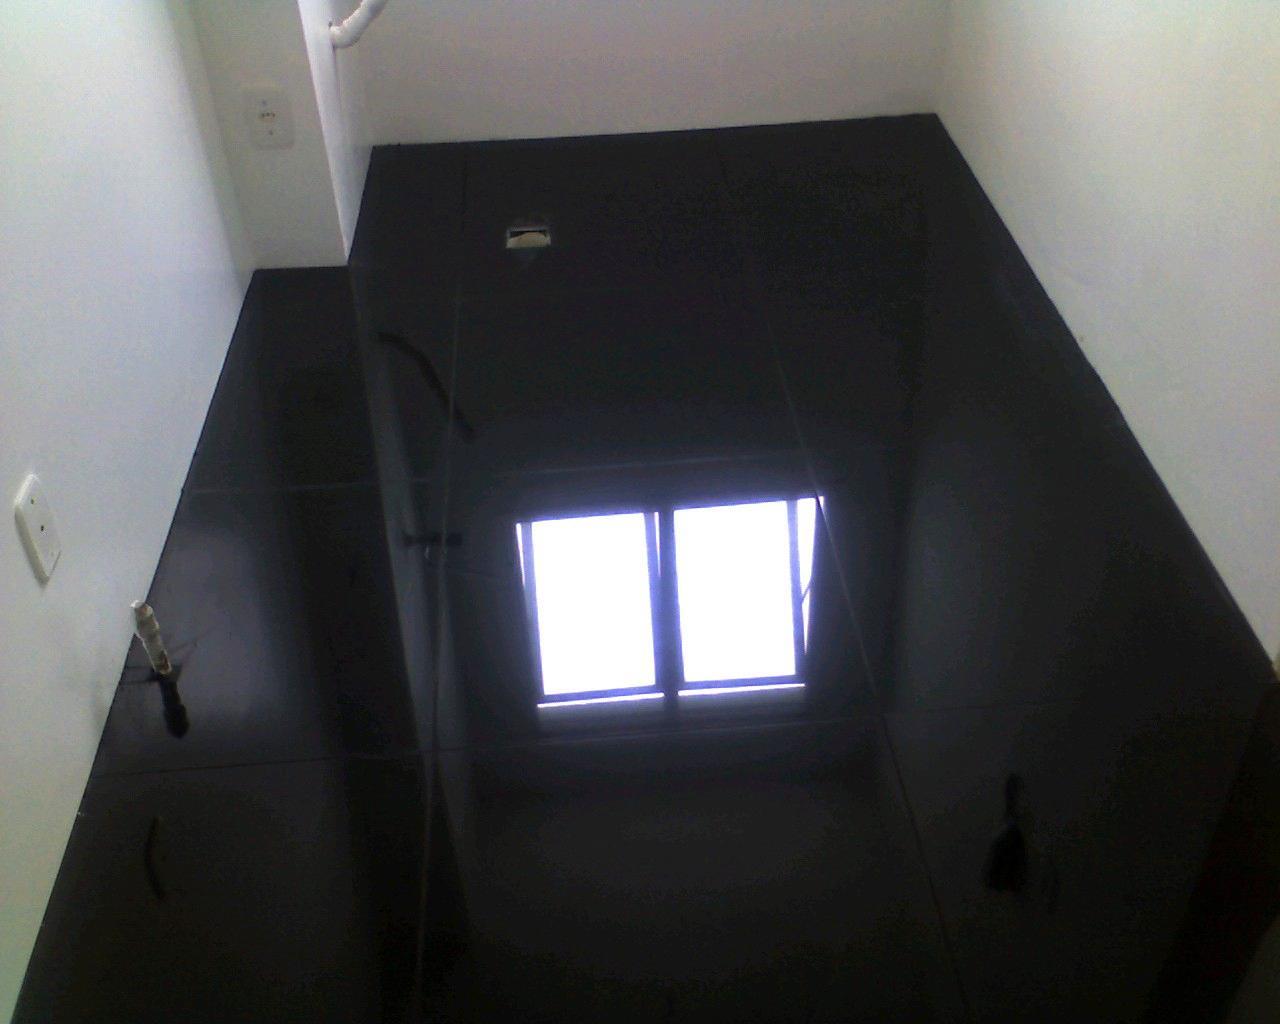 piso-em-porcelanato-preto